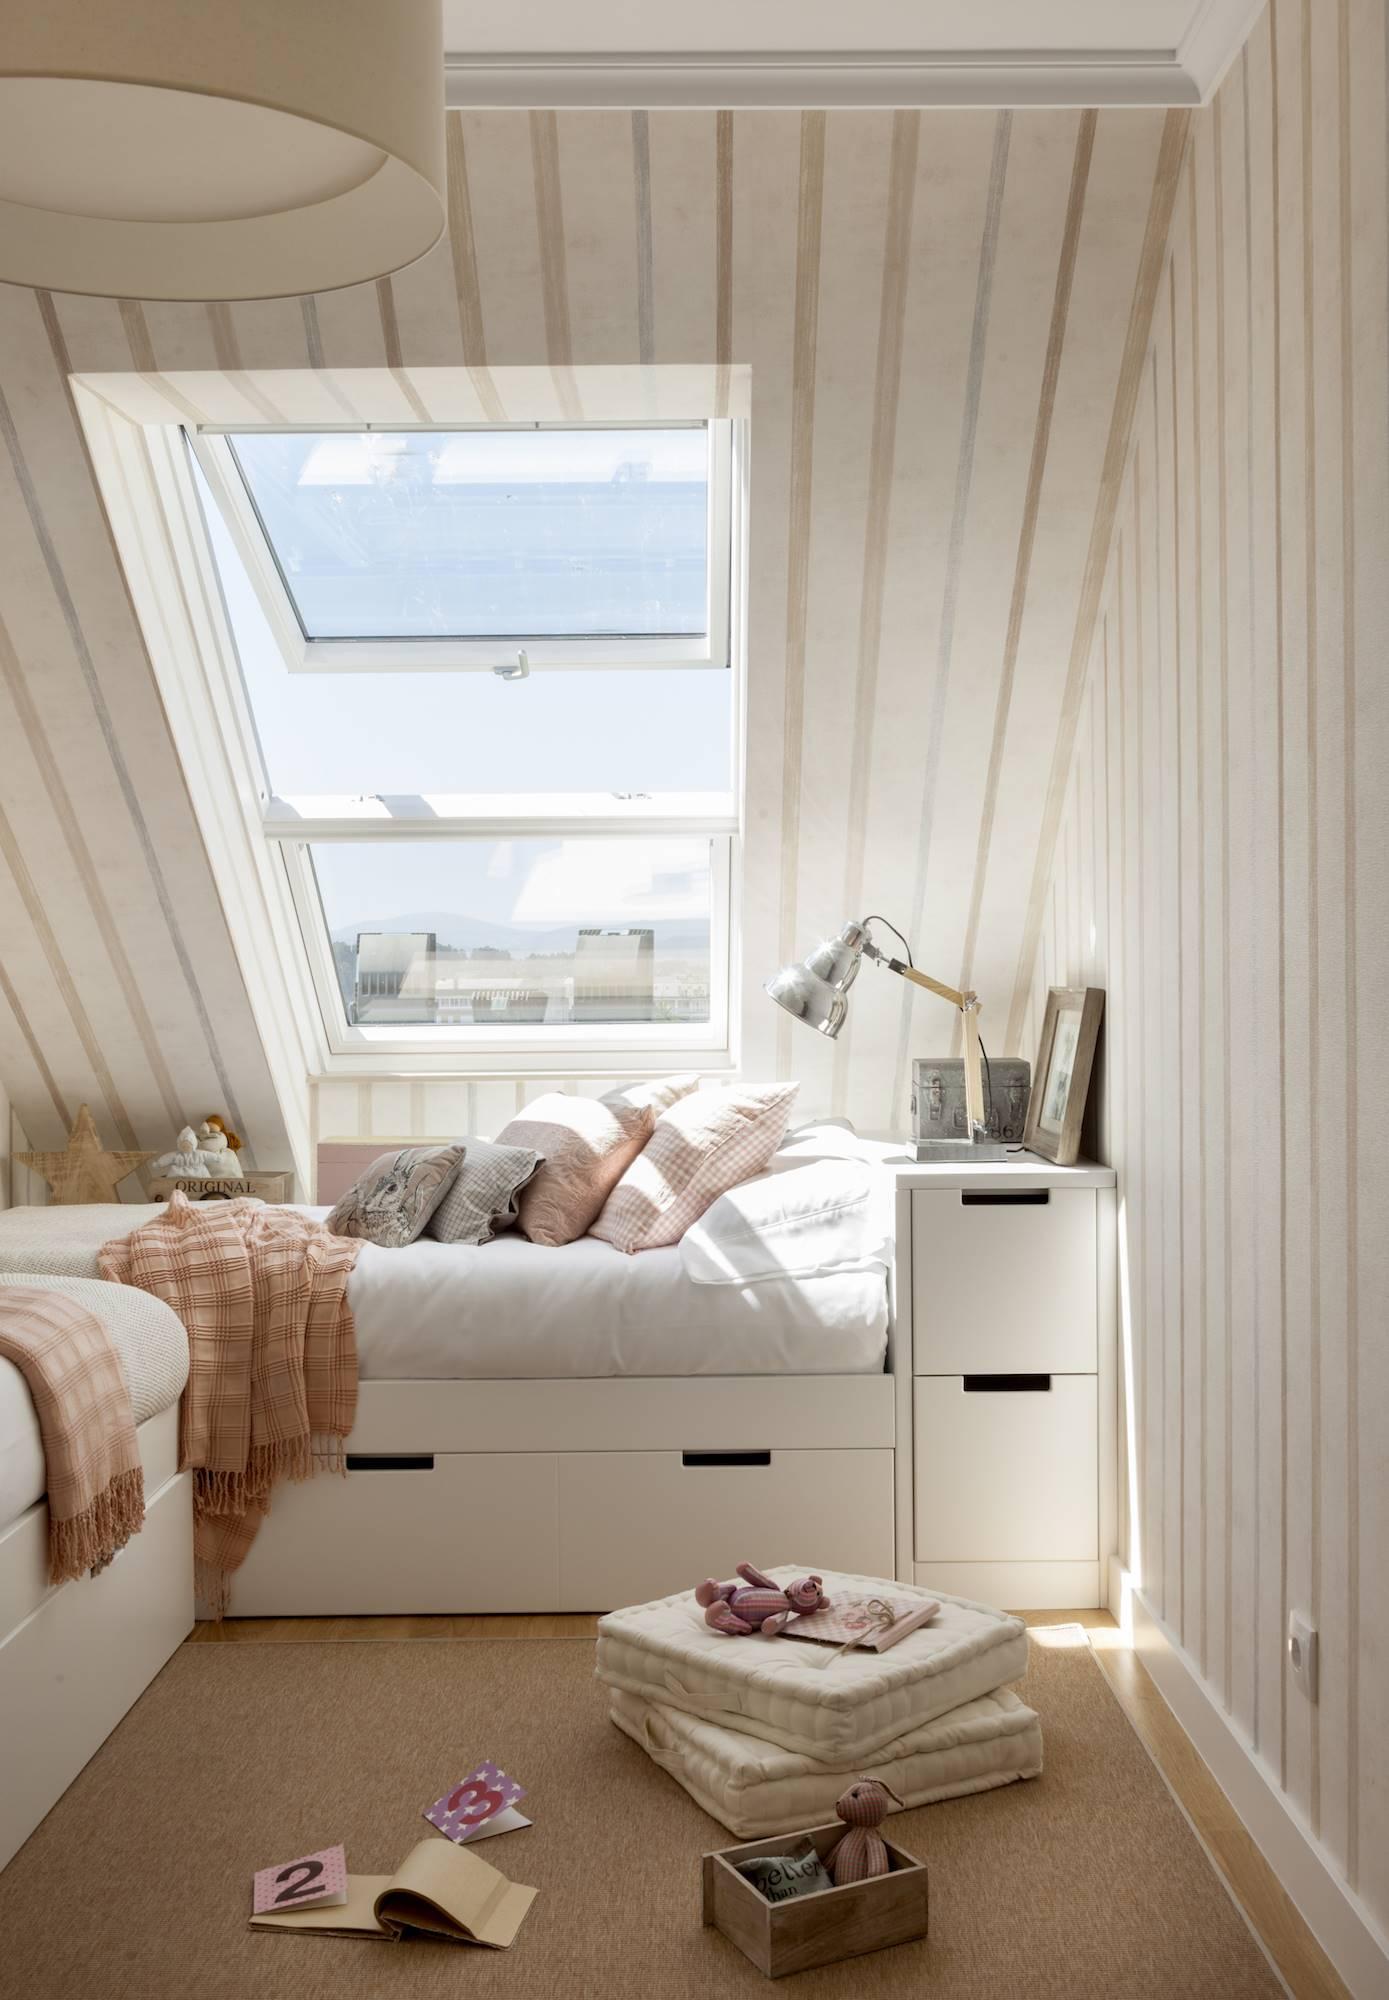 Dormitorios juveniles - Papel pintado vigo ...